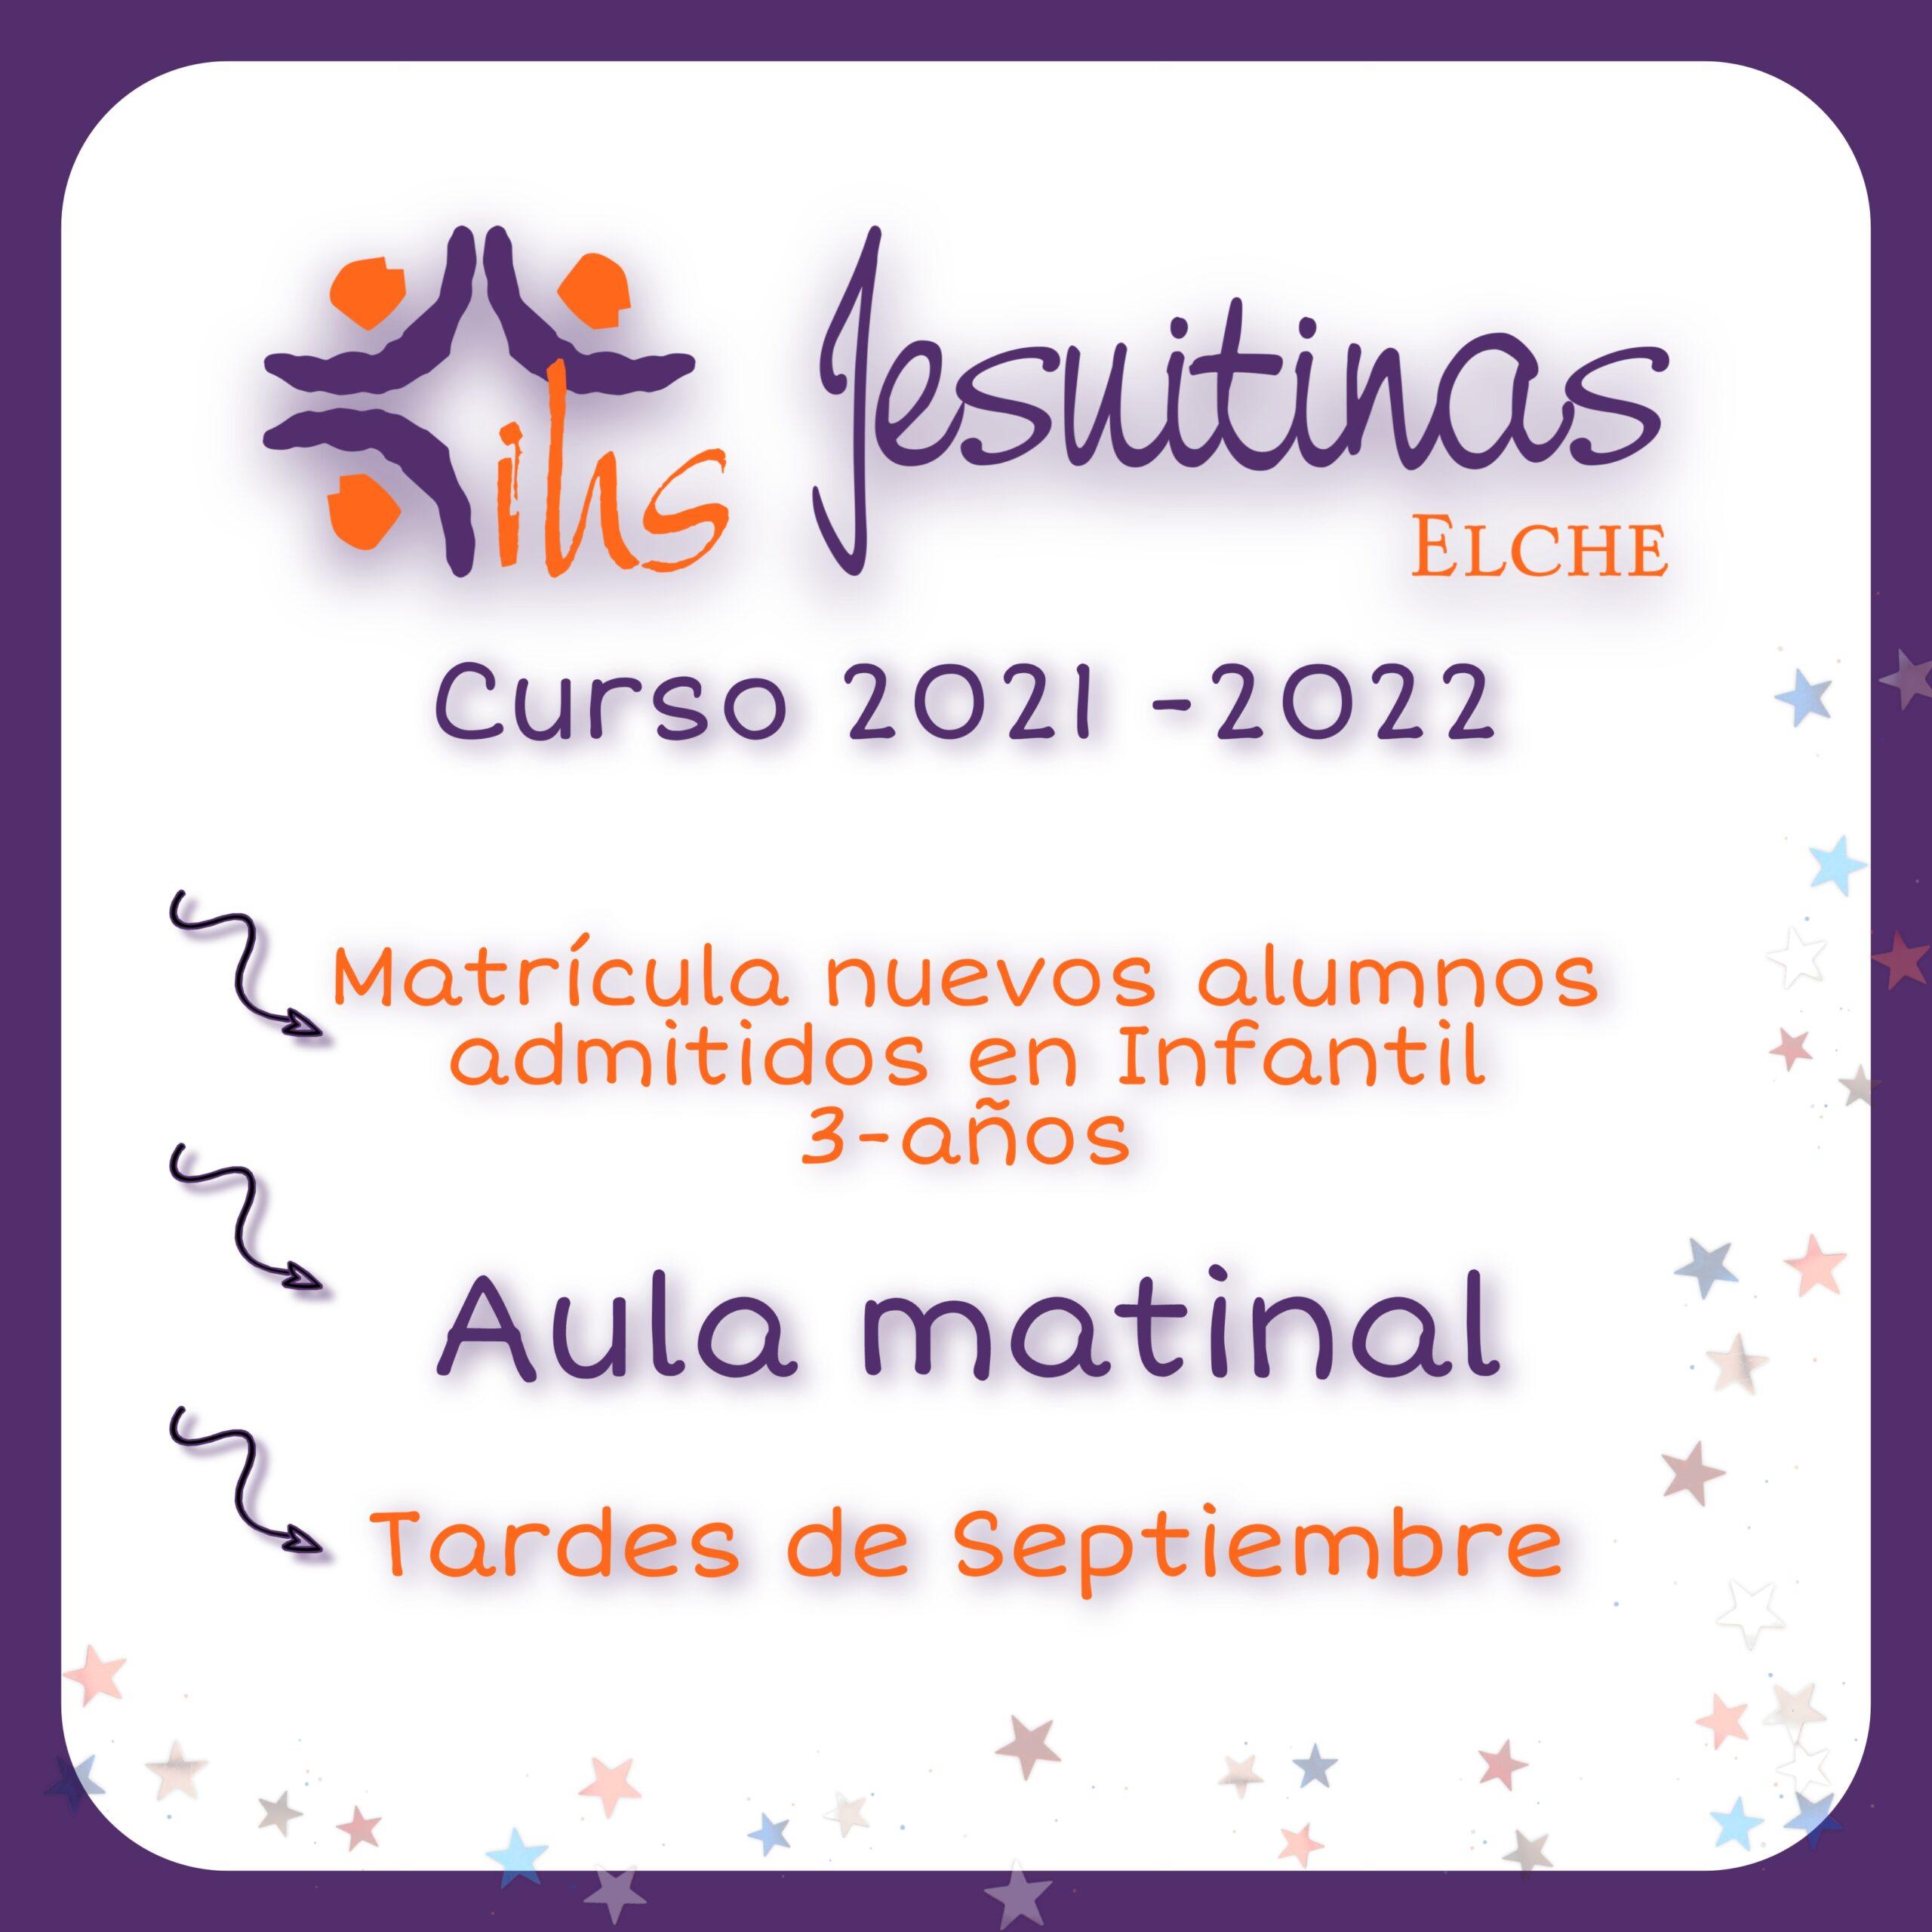 Avisos próximo curso (2021-2022)